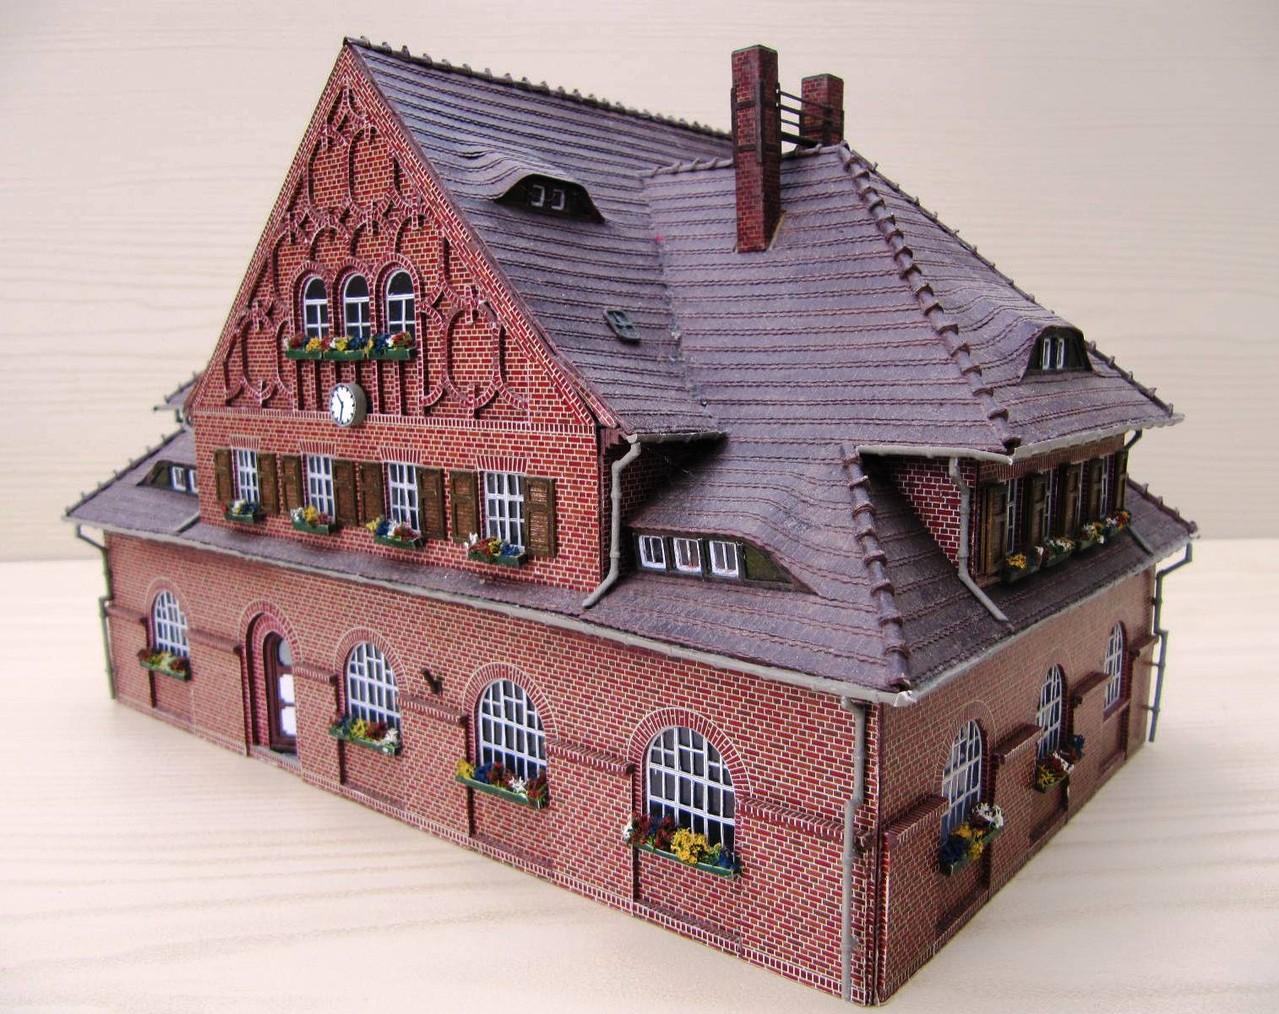 (c) W. Fehse - reiche Dachgliederung 1:87 (H0)